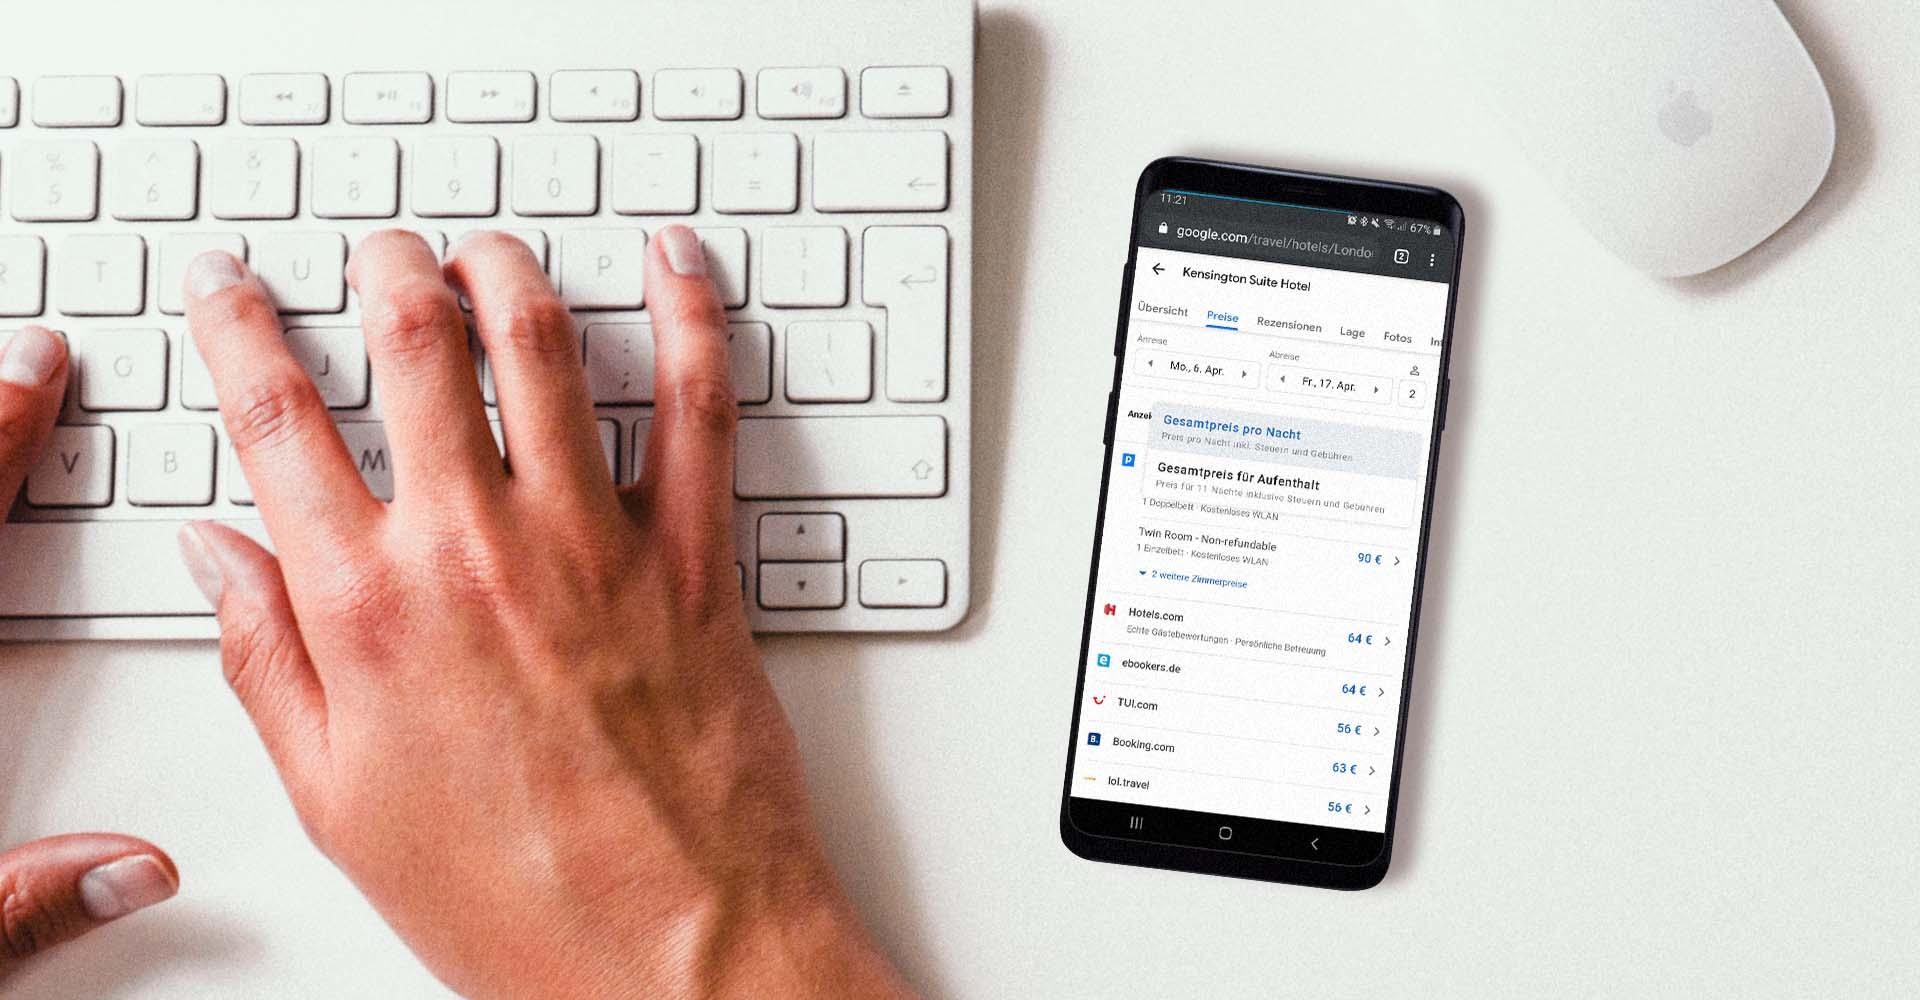 Am Samsung Galaxy S9+ mit Googles Travel-Tool nach einem Hotel suchen.